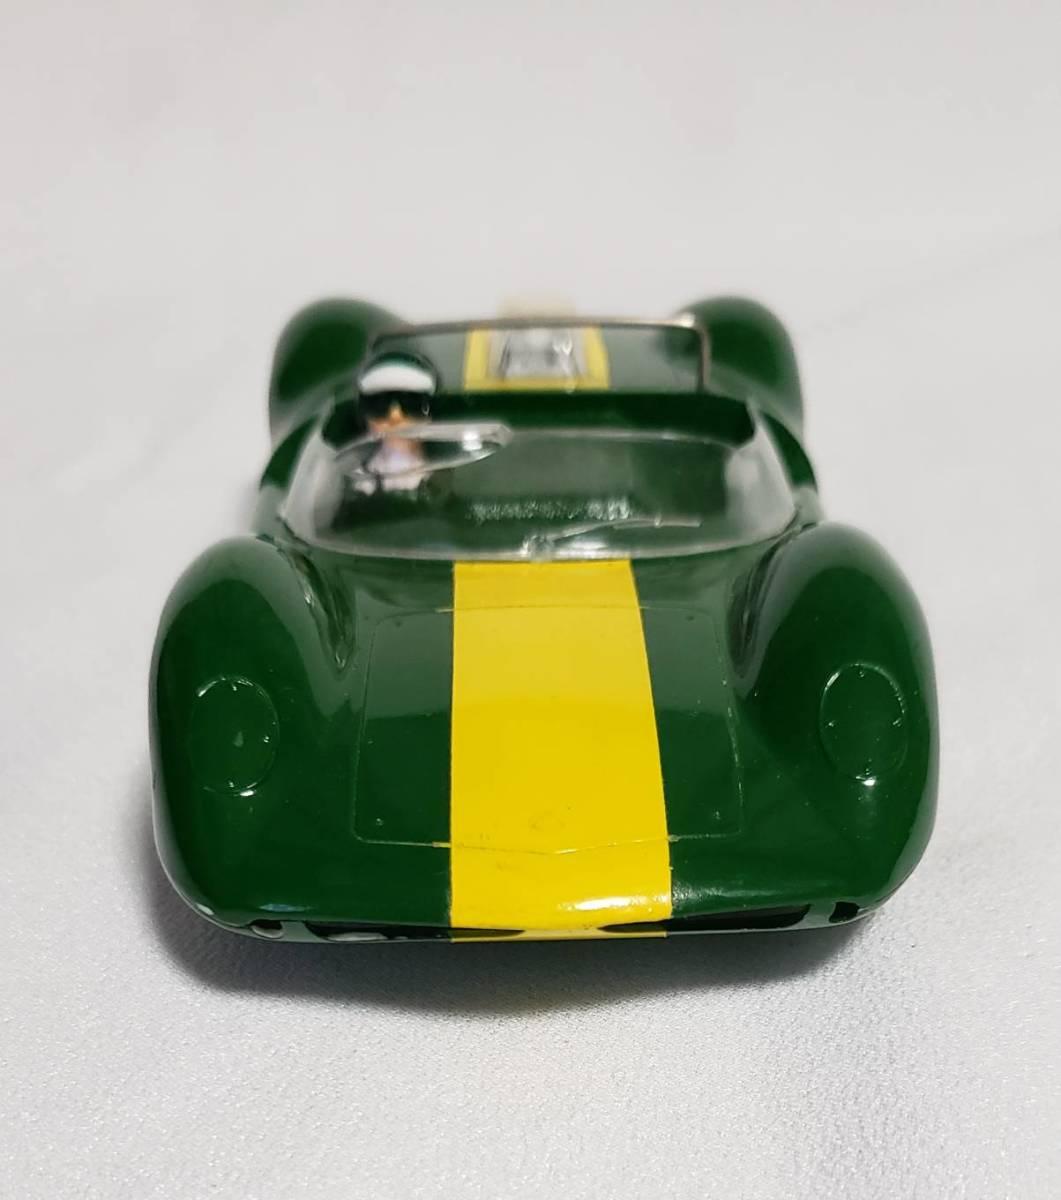 スロットカー 車体 車種不明 中古品_画像2